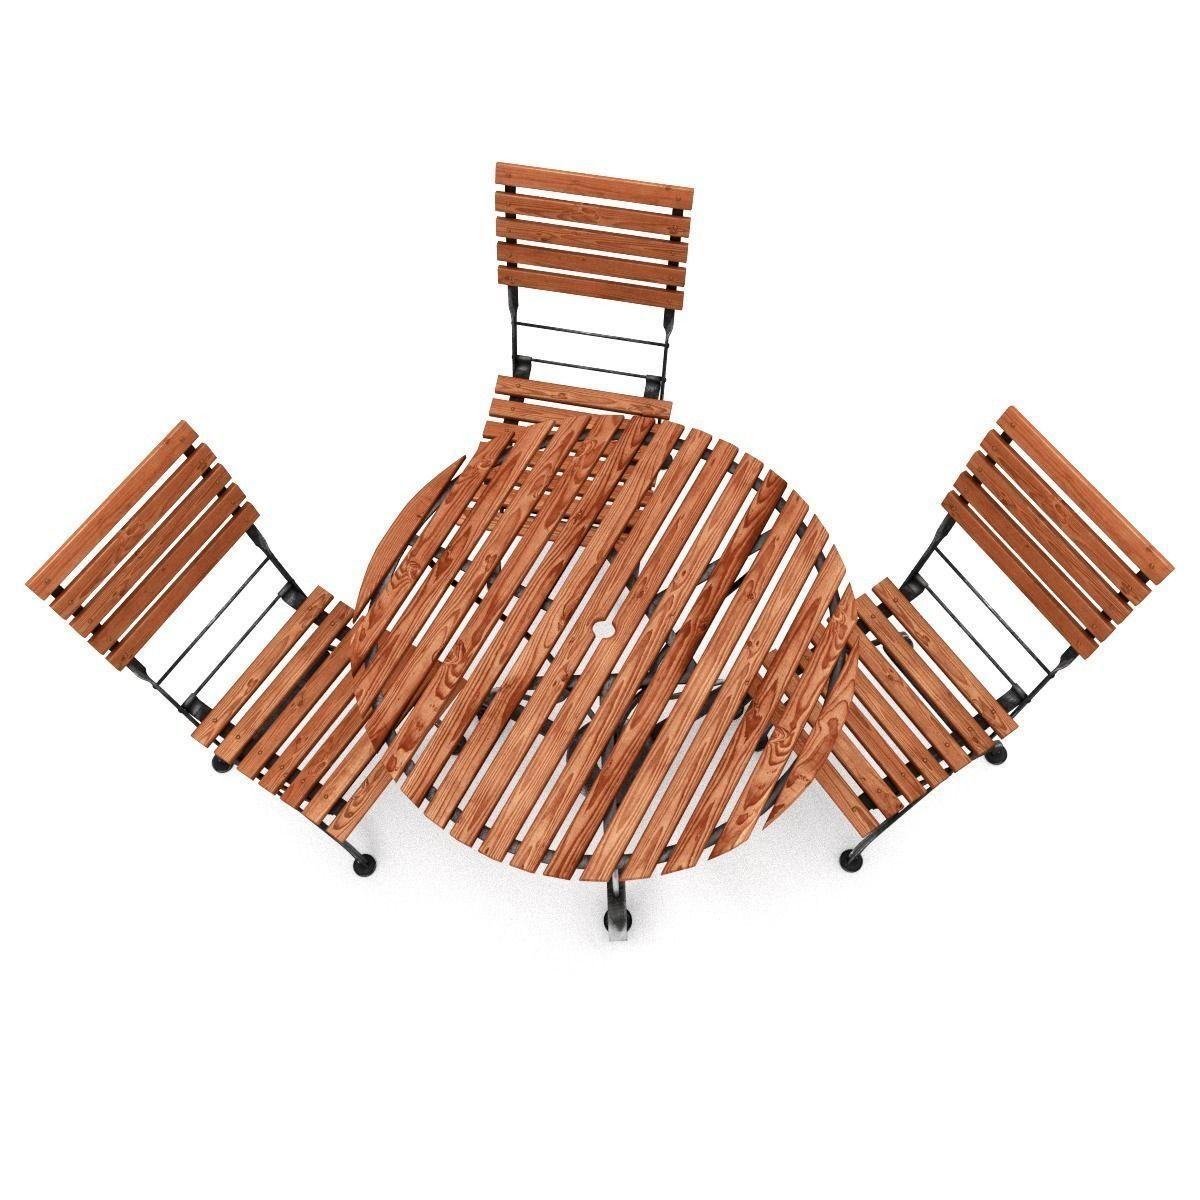 Garden furniture set 3D Model OBJ FBX BLEND CGTradercom : garden furniture set 3d model obj fbx blend from cgtrader.com size 1200 x 1200 jpeg 145kB